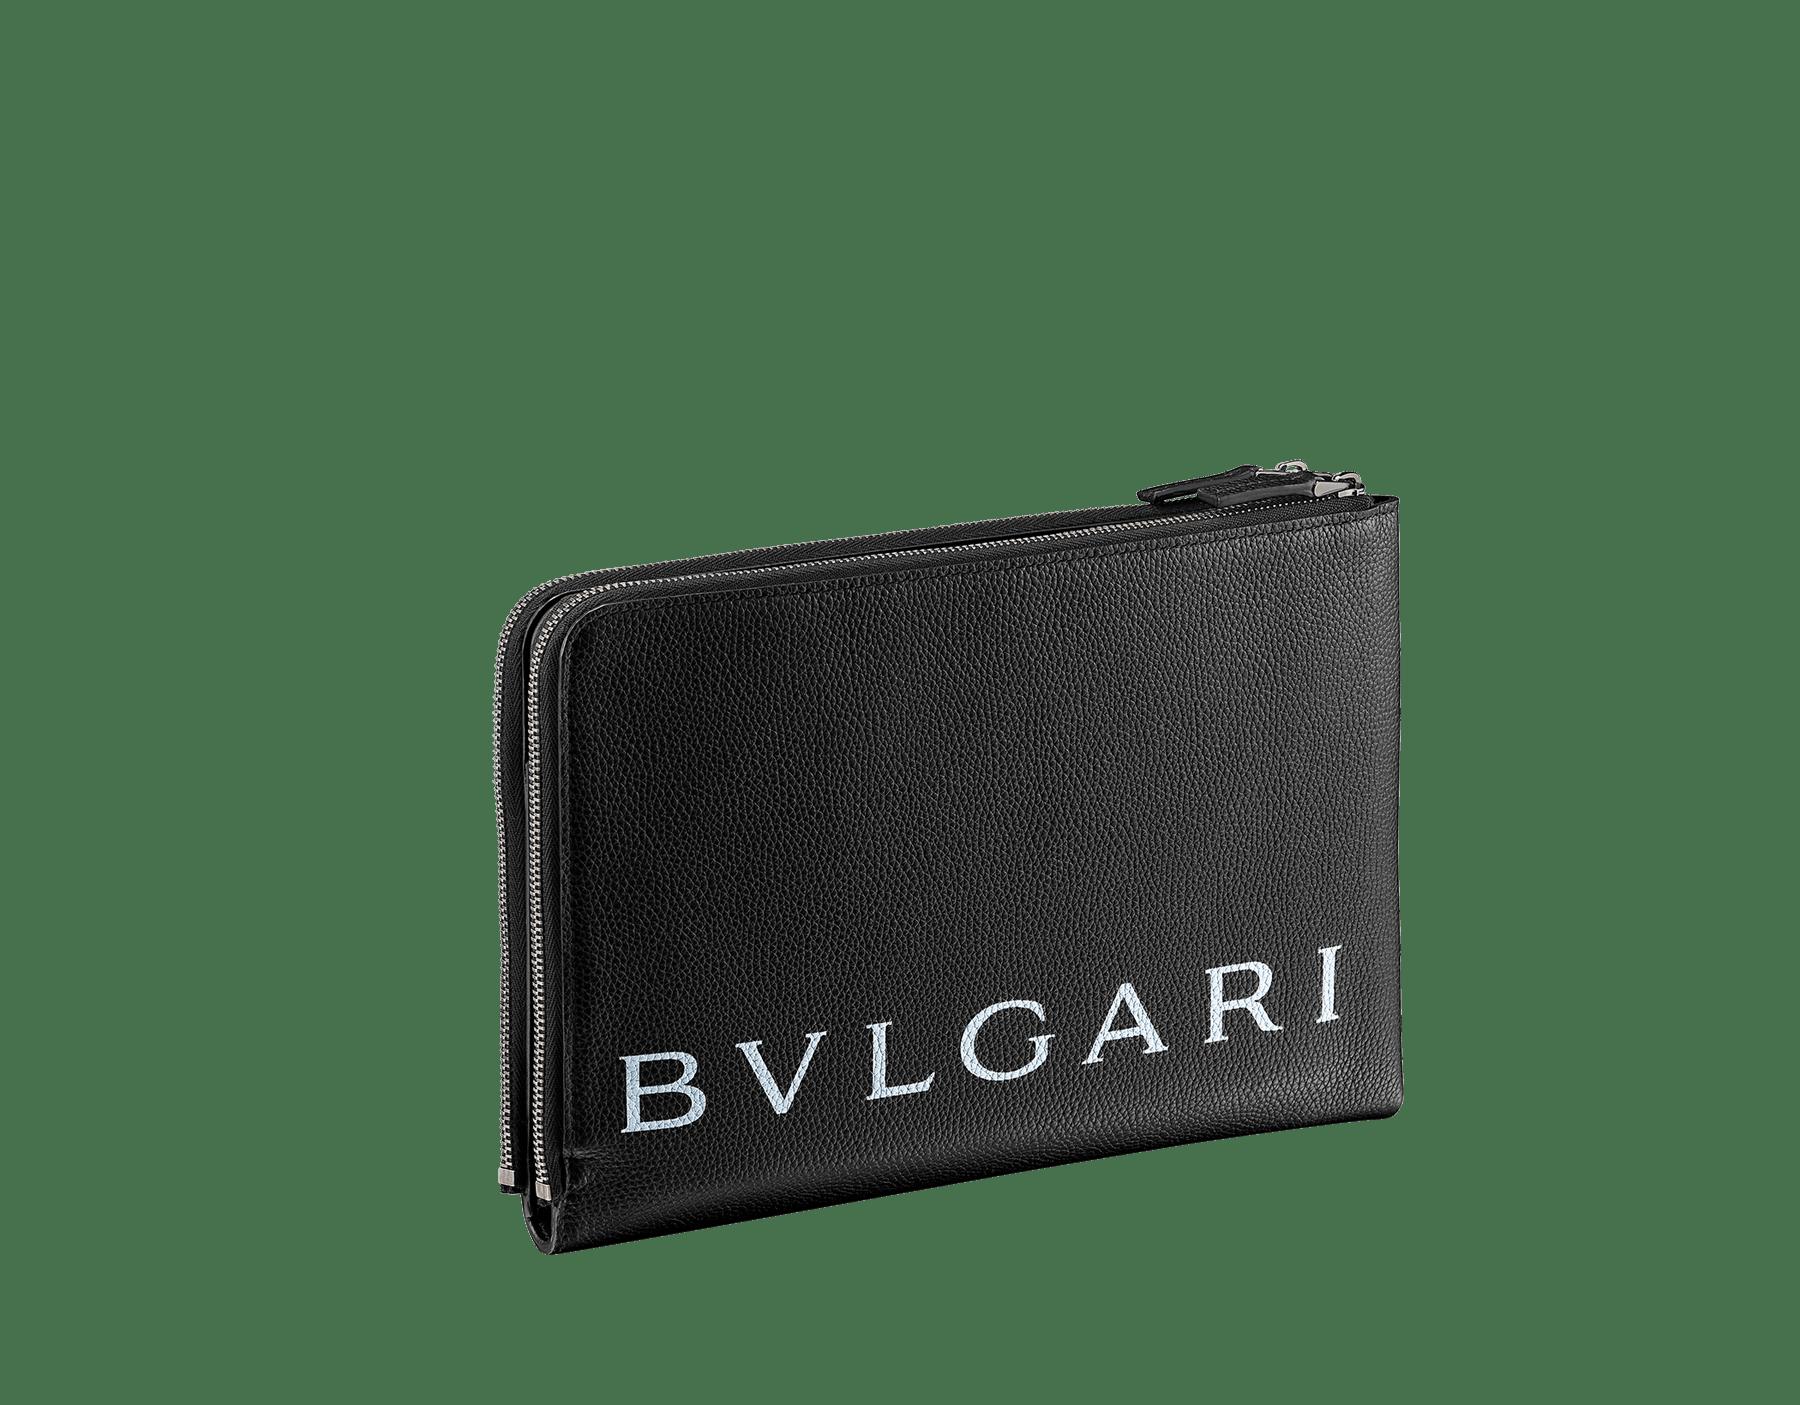 ブラックグレインカーフレザーとブラックスムースカーフレザーを使用した「FRAGMENT X BVLGARI by Hiroshi Fujiwara」クラッチバッグ。ウルトラブラックルテニウムプレートブラス製金具、「BVLGARI」と「FRAGMENT」のホワイトロゴプリント。 CLUTHBAG-FUJI3rd image 3